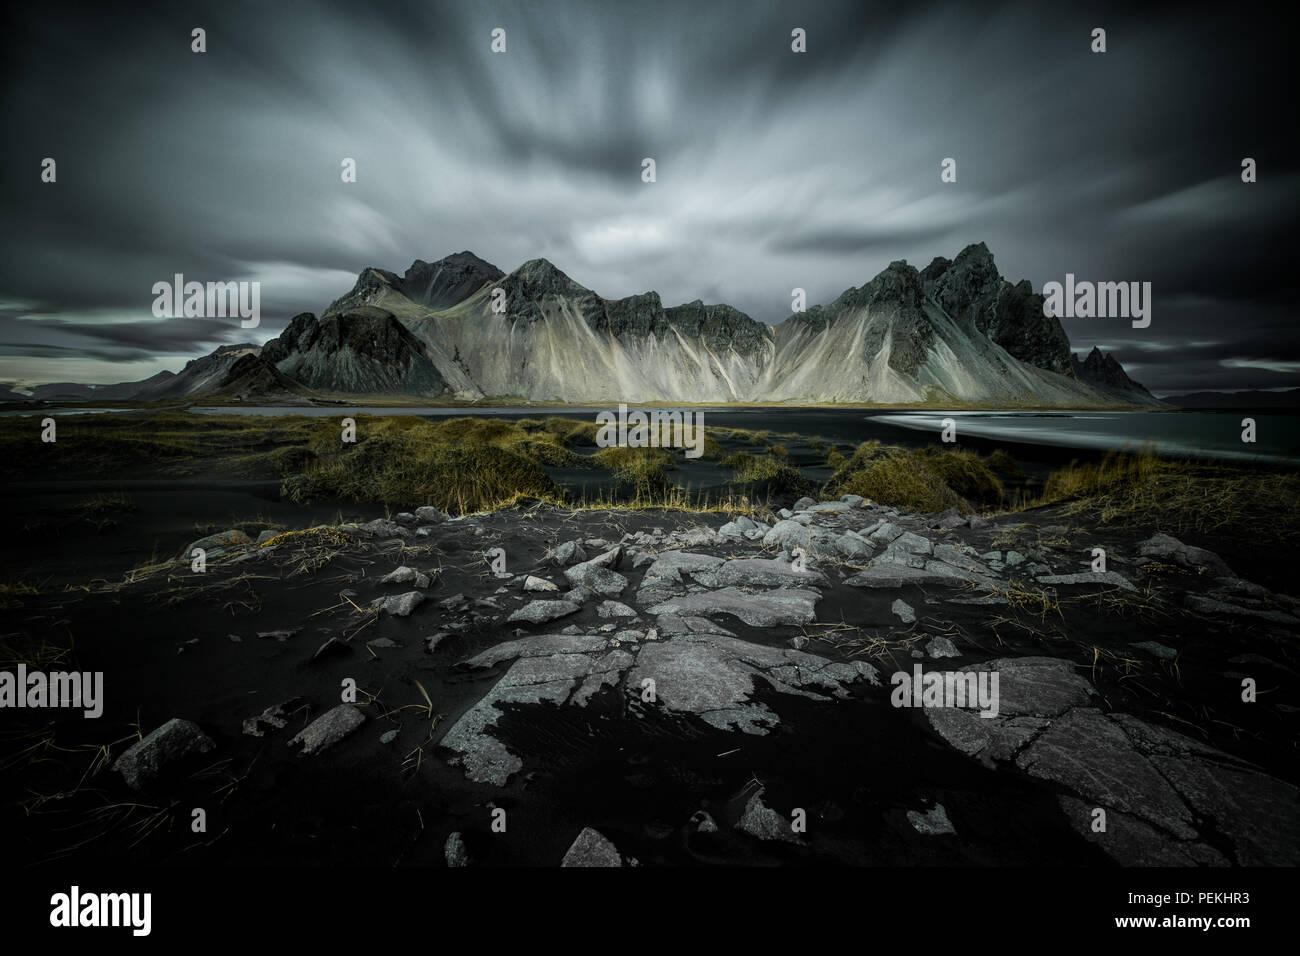 La larga exposición paisaje shot de Vestrahorn cordillera cerca de Hofn, Islandia Imagen De Stock